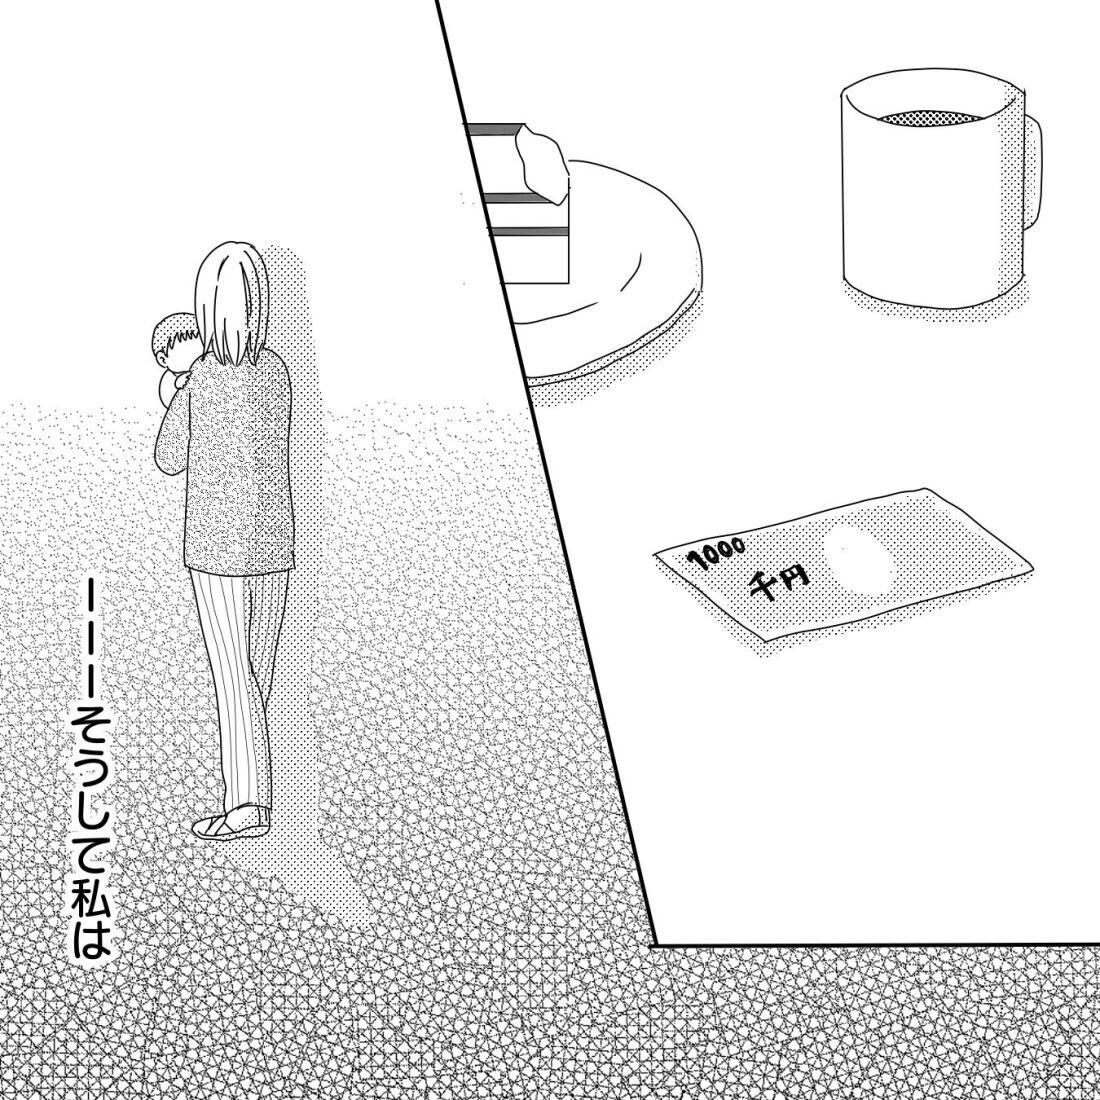 「ママ友になりたかっただけなのに」しつこい勧誘に別れを決意するも…【ママ友になりませんか? Vol.12】